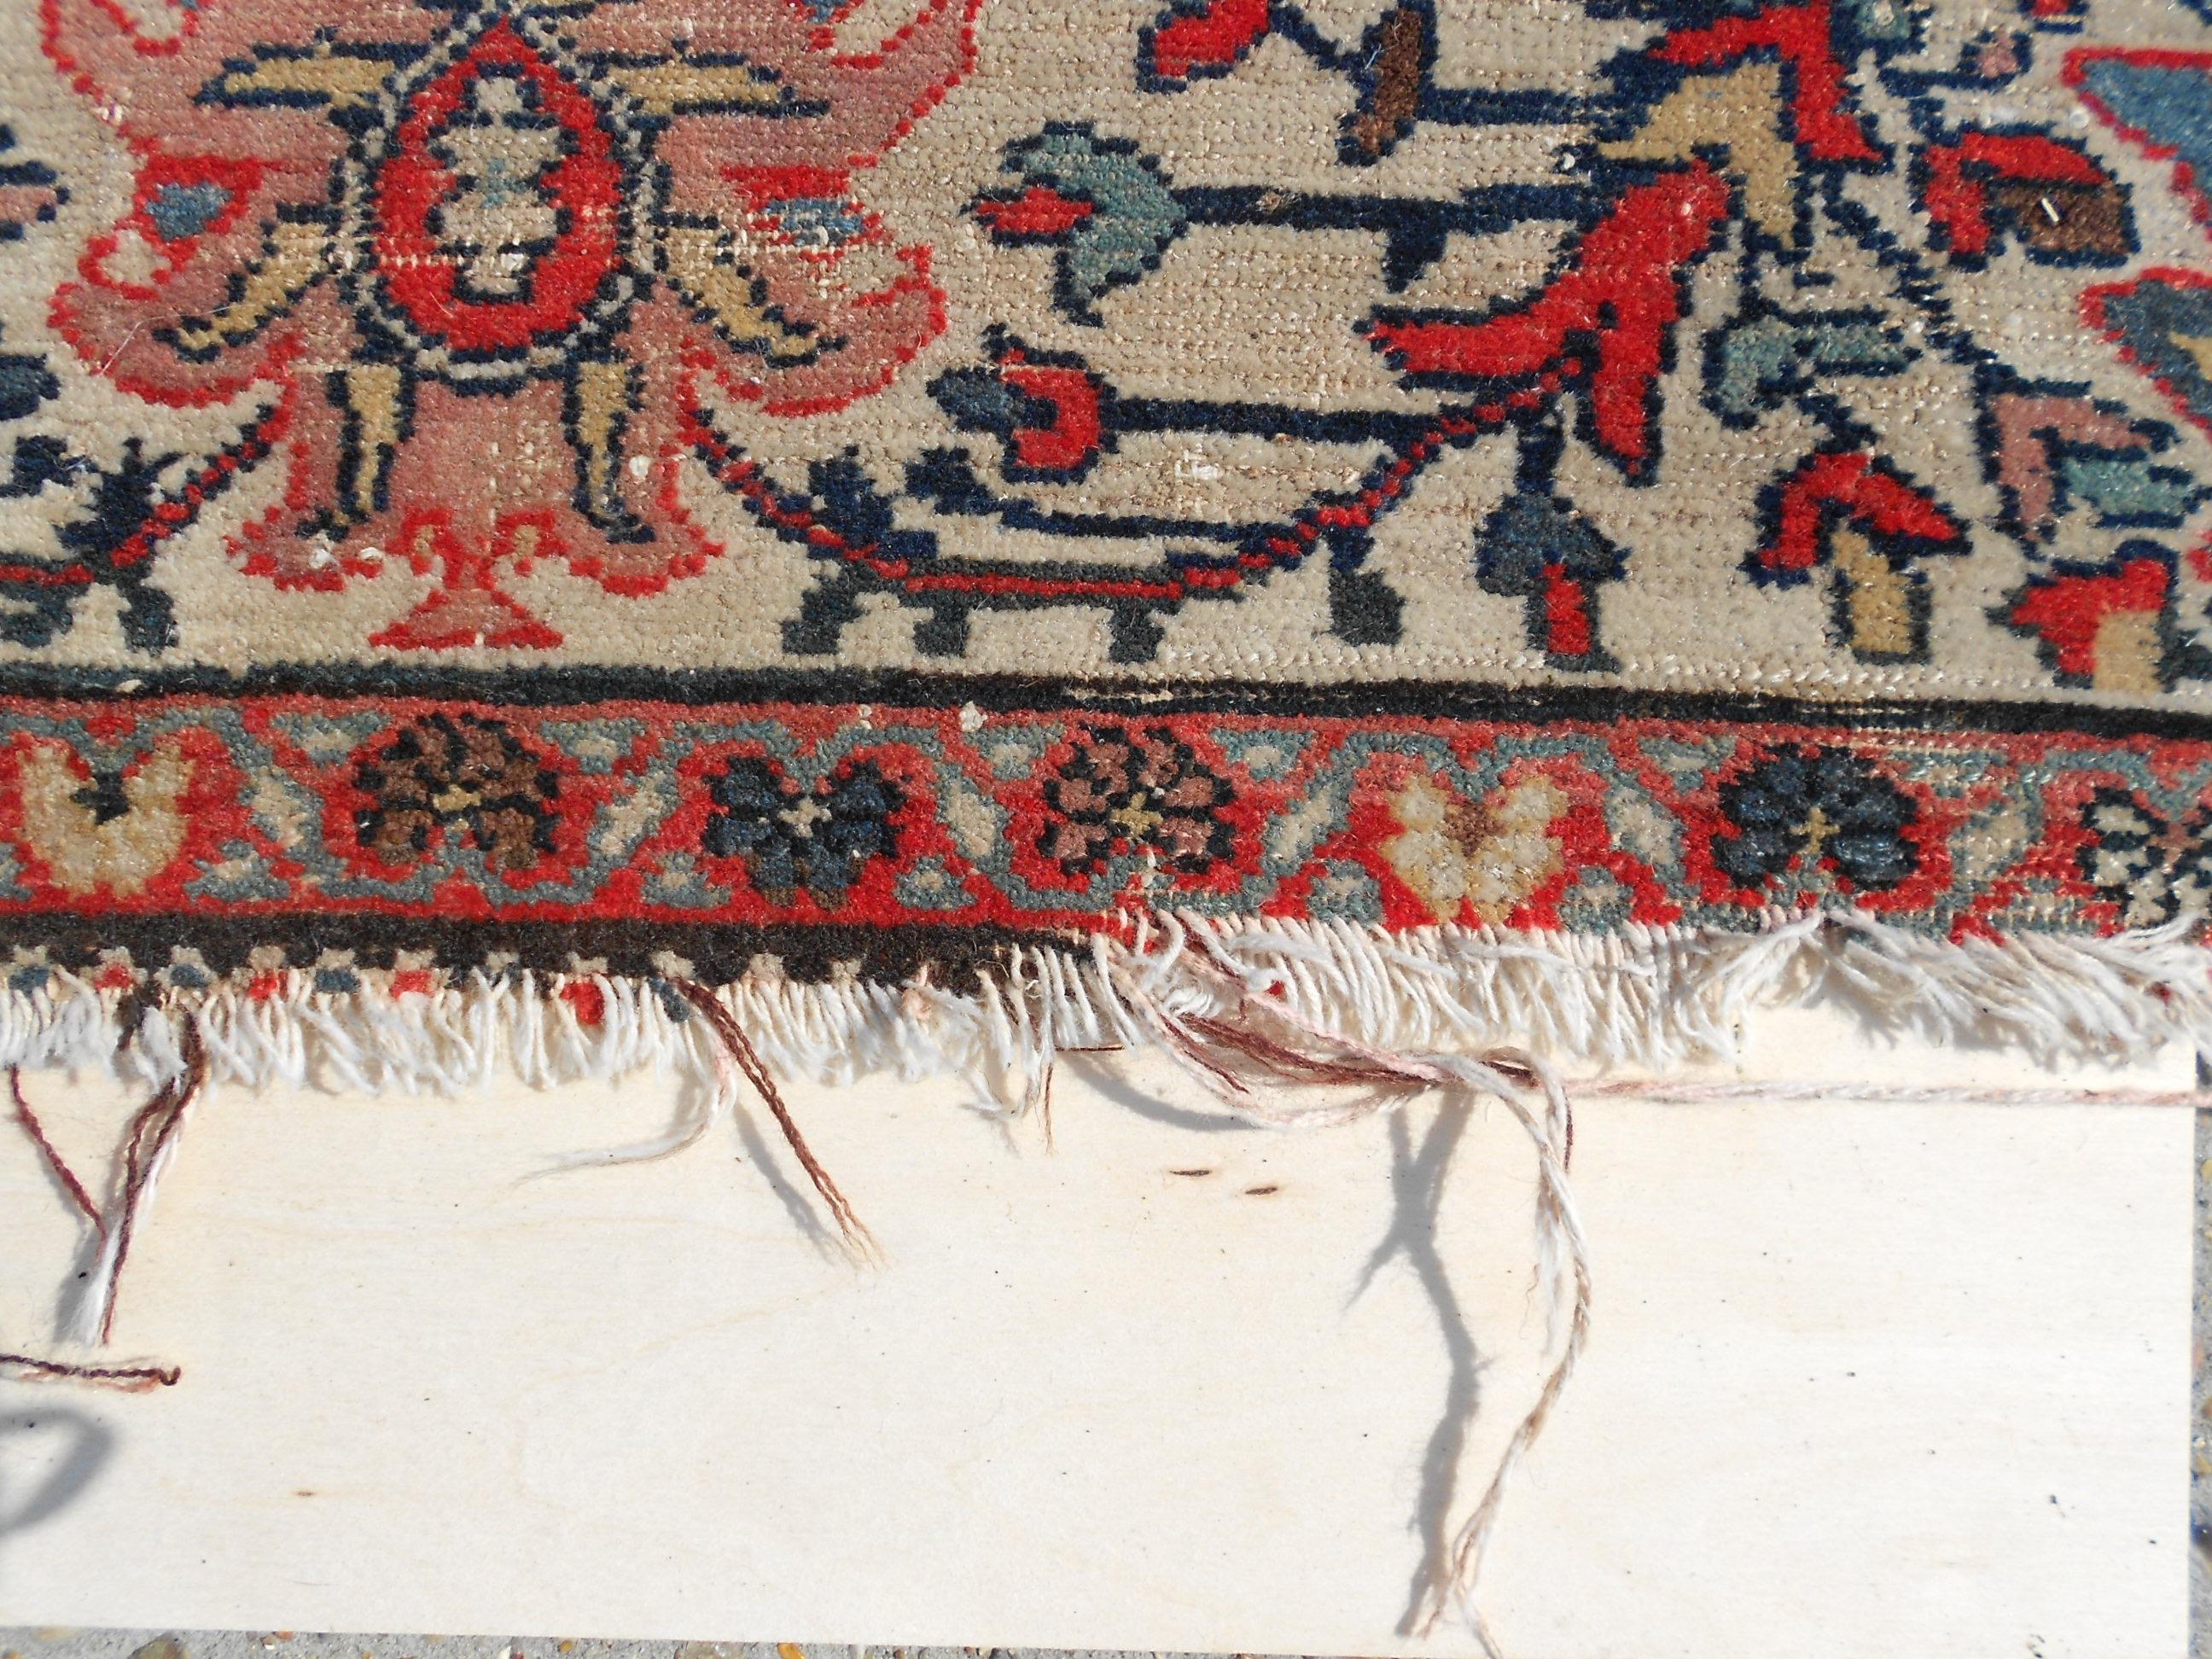 Persian Rug Fringe Repairs